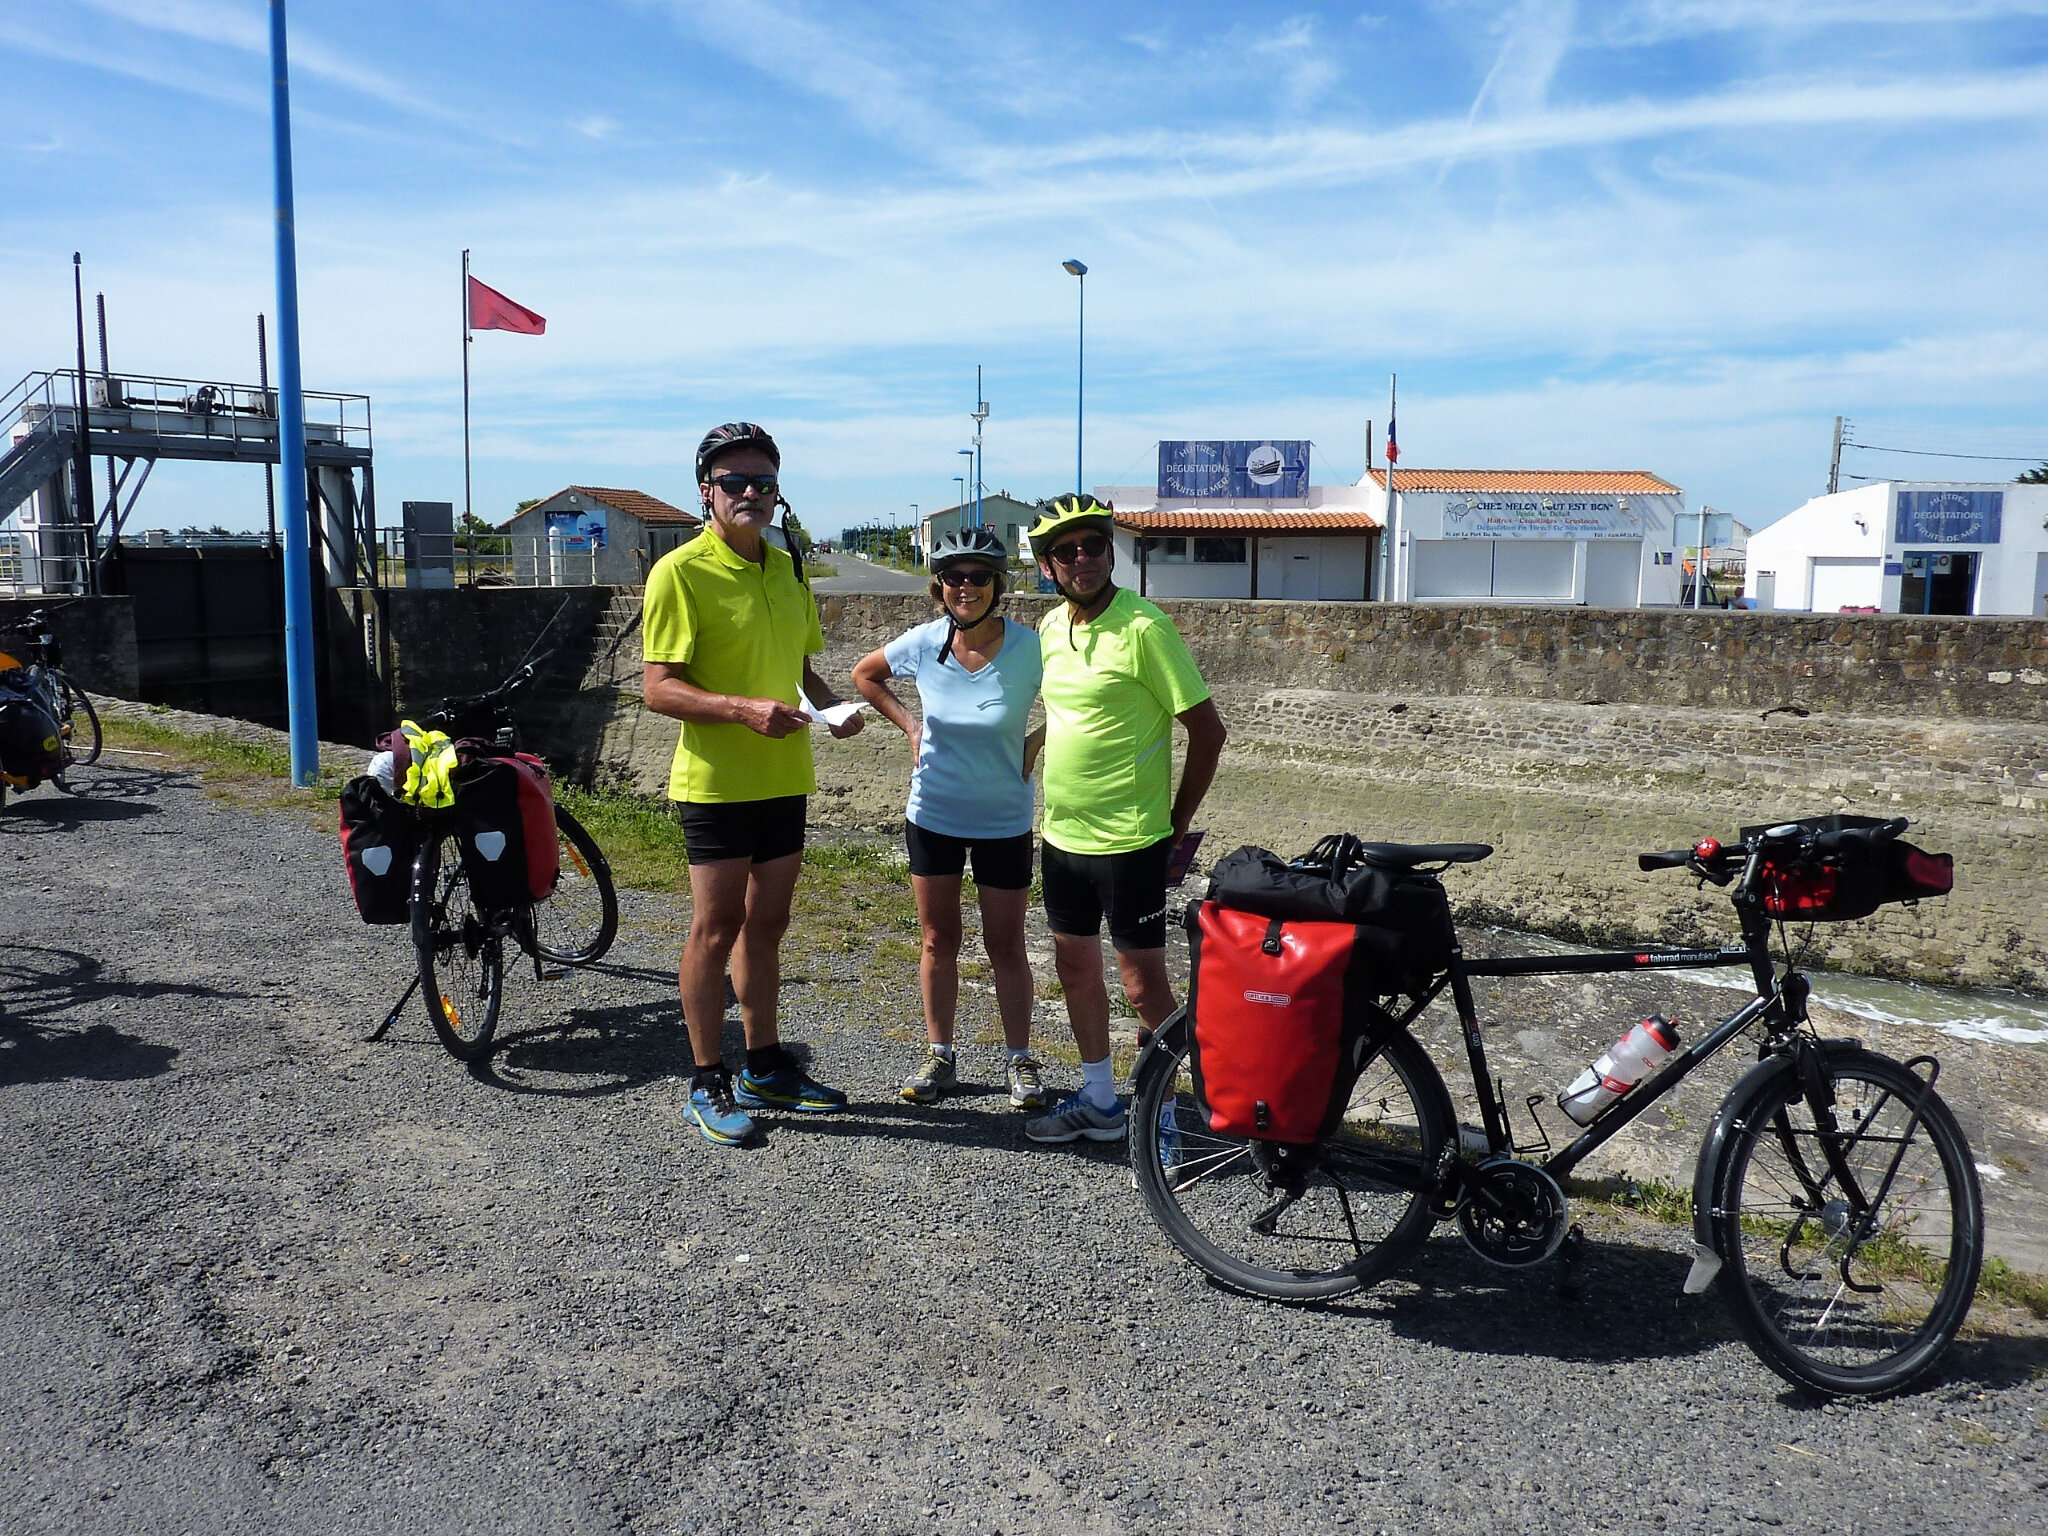 Départ pour la Vélodyssée le 25 Juin 2018 Arrivée